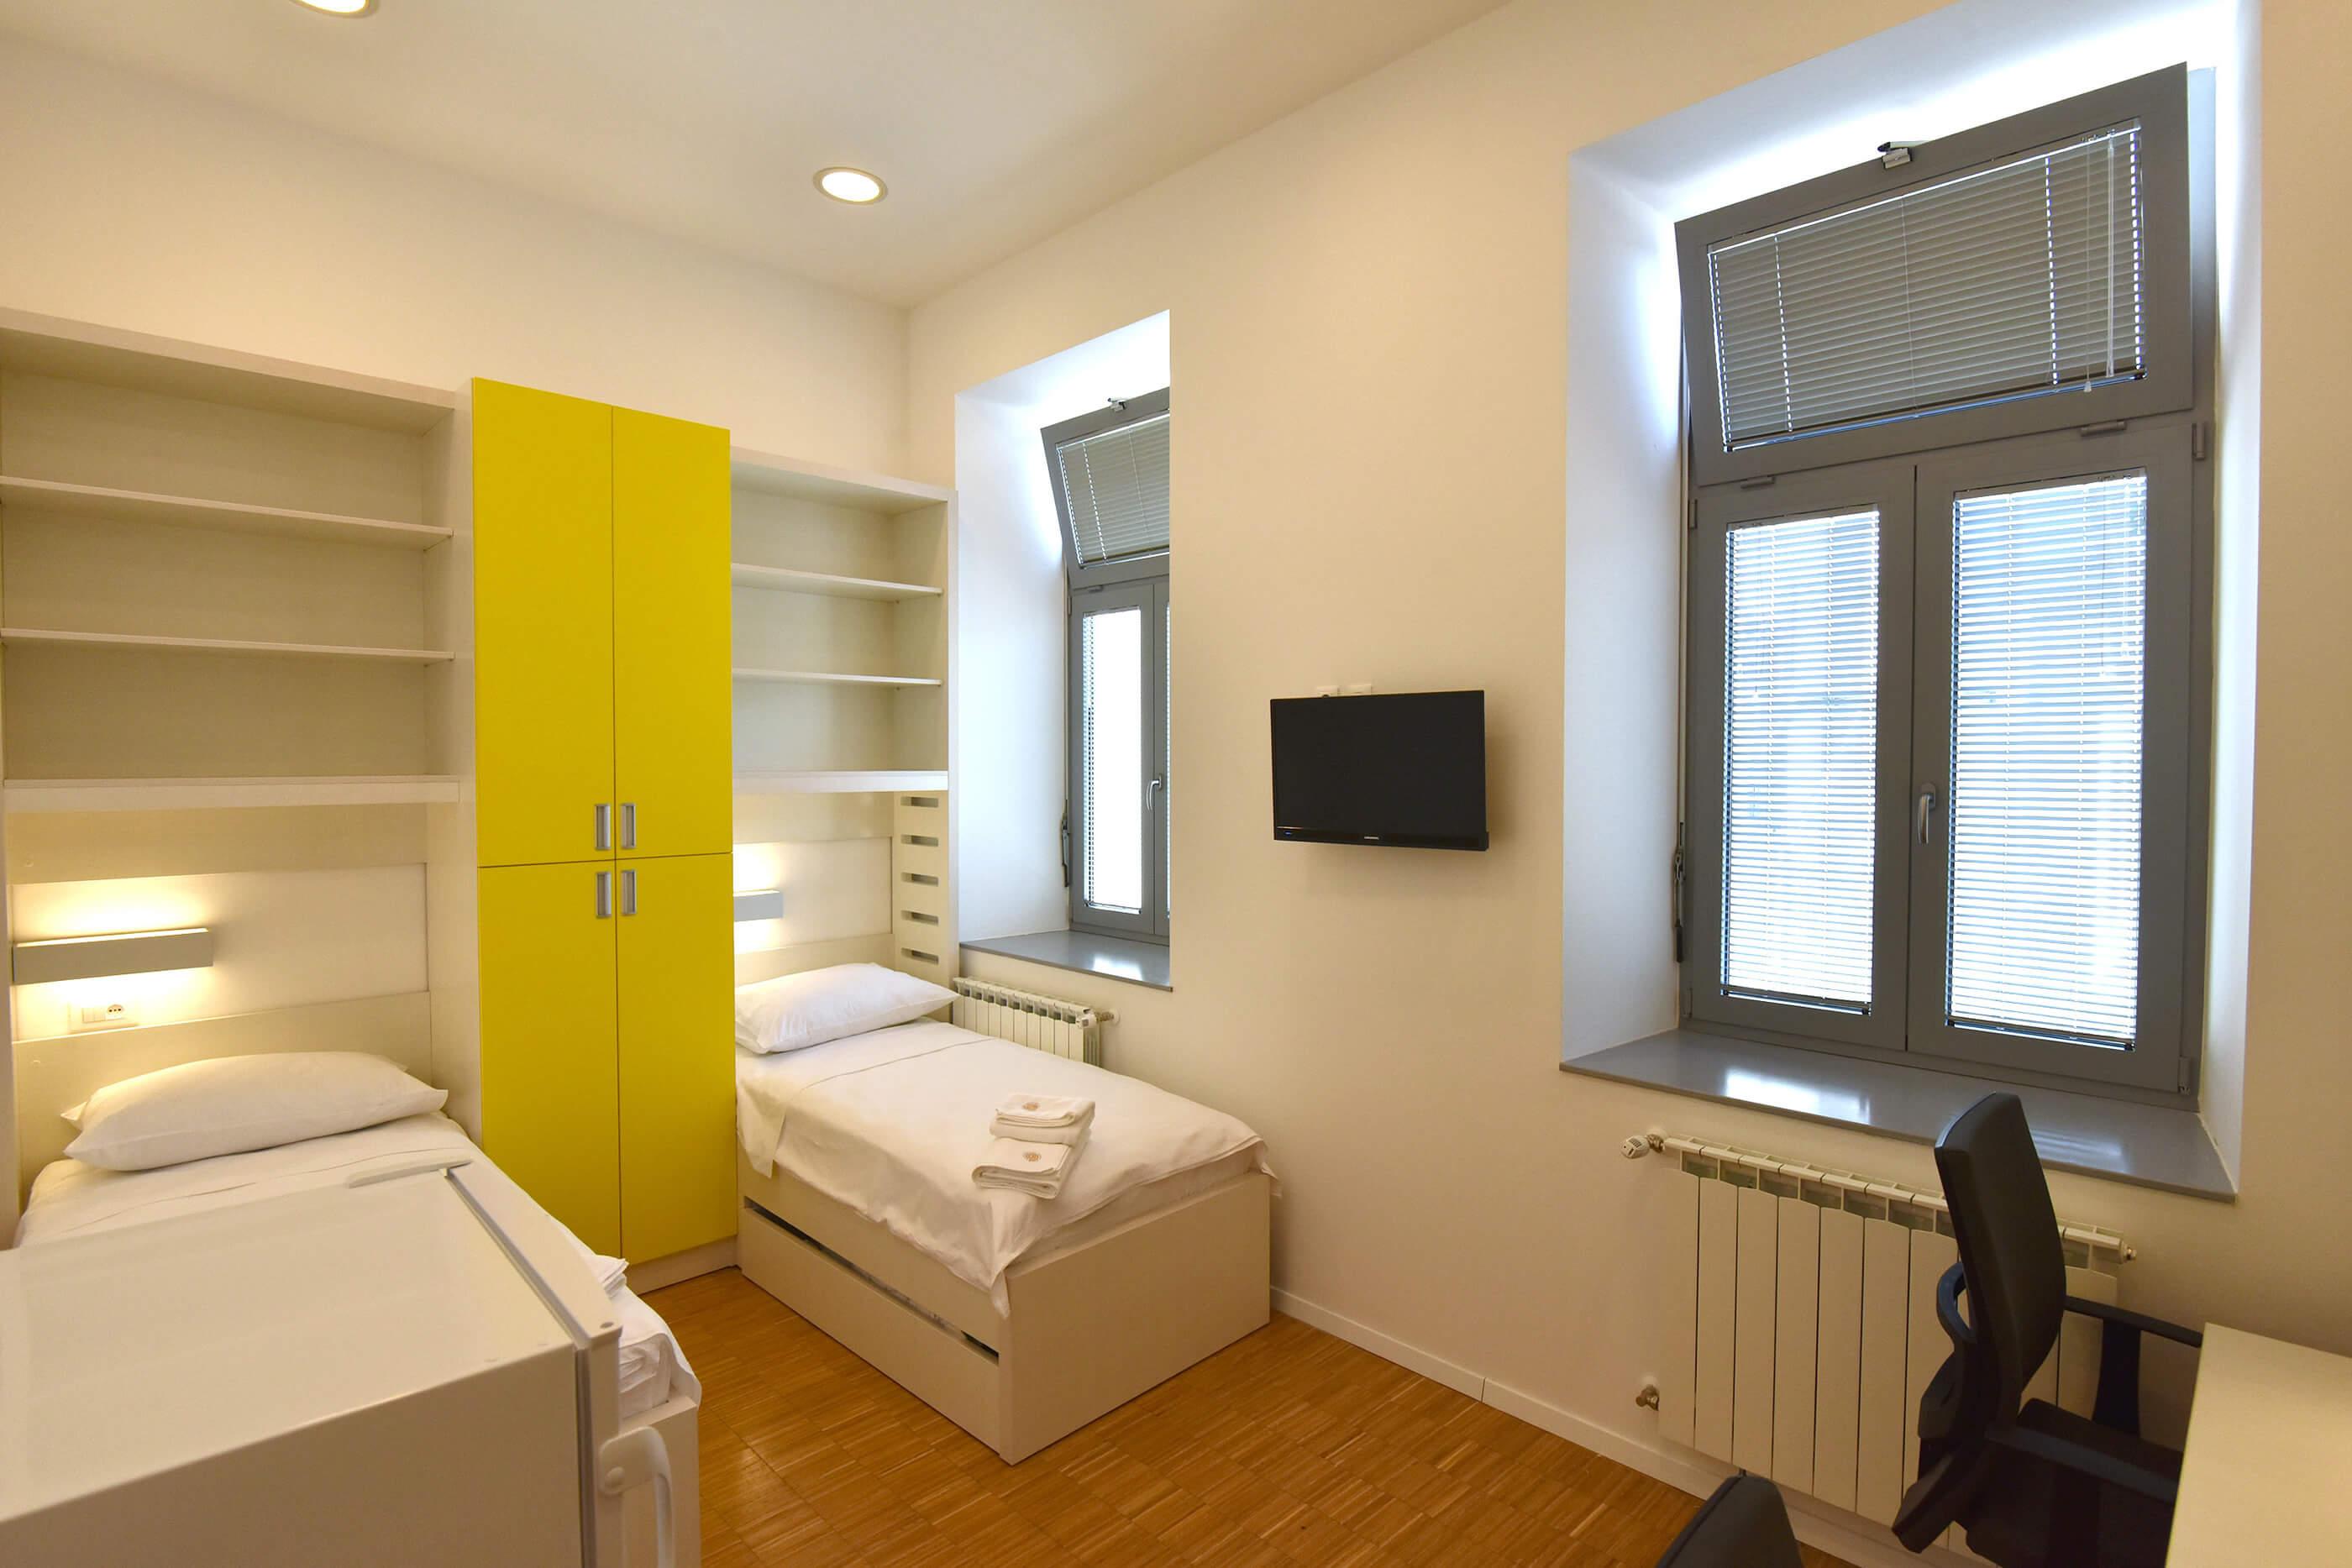 Ministarstvo objavilo koliko će mjesta sufinancirati u studentskim domovima i kod privatnog stanodavca